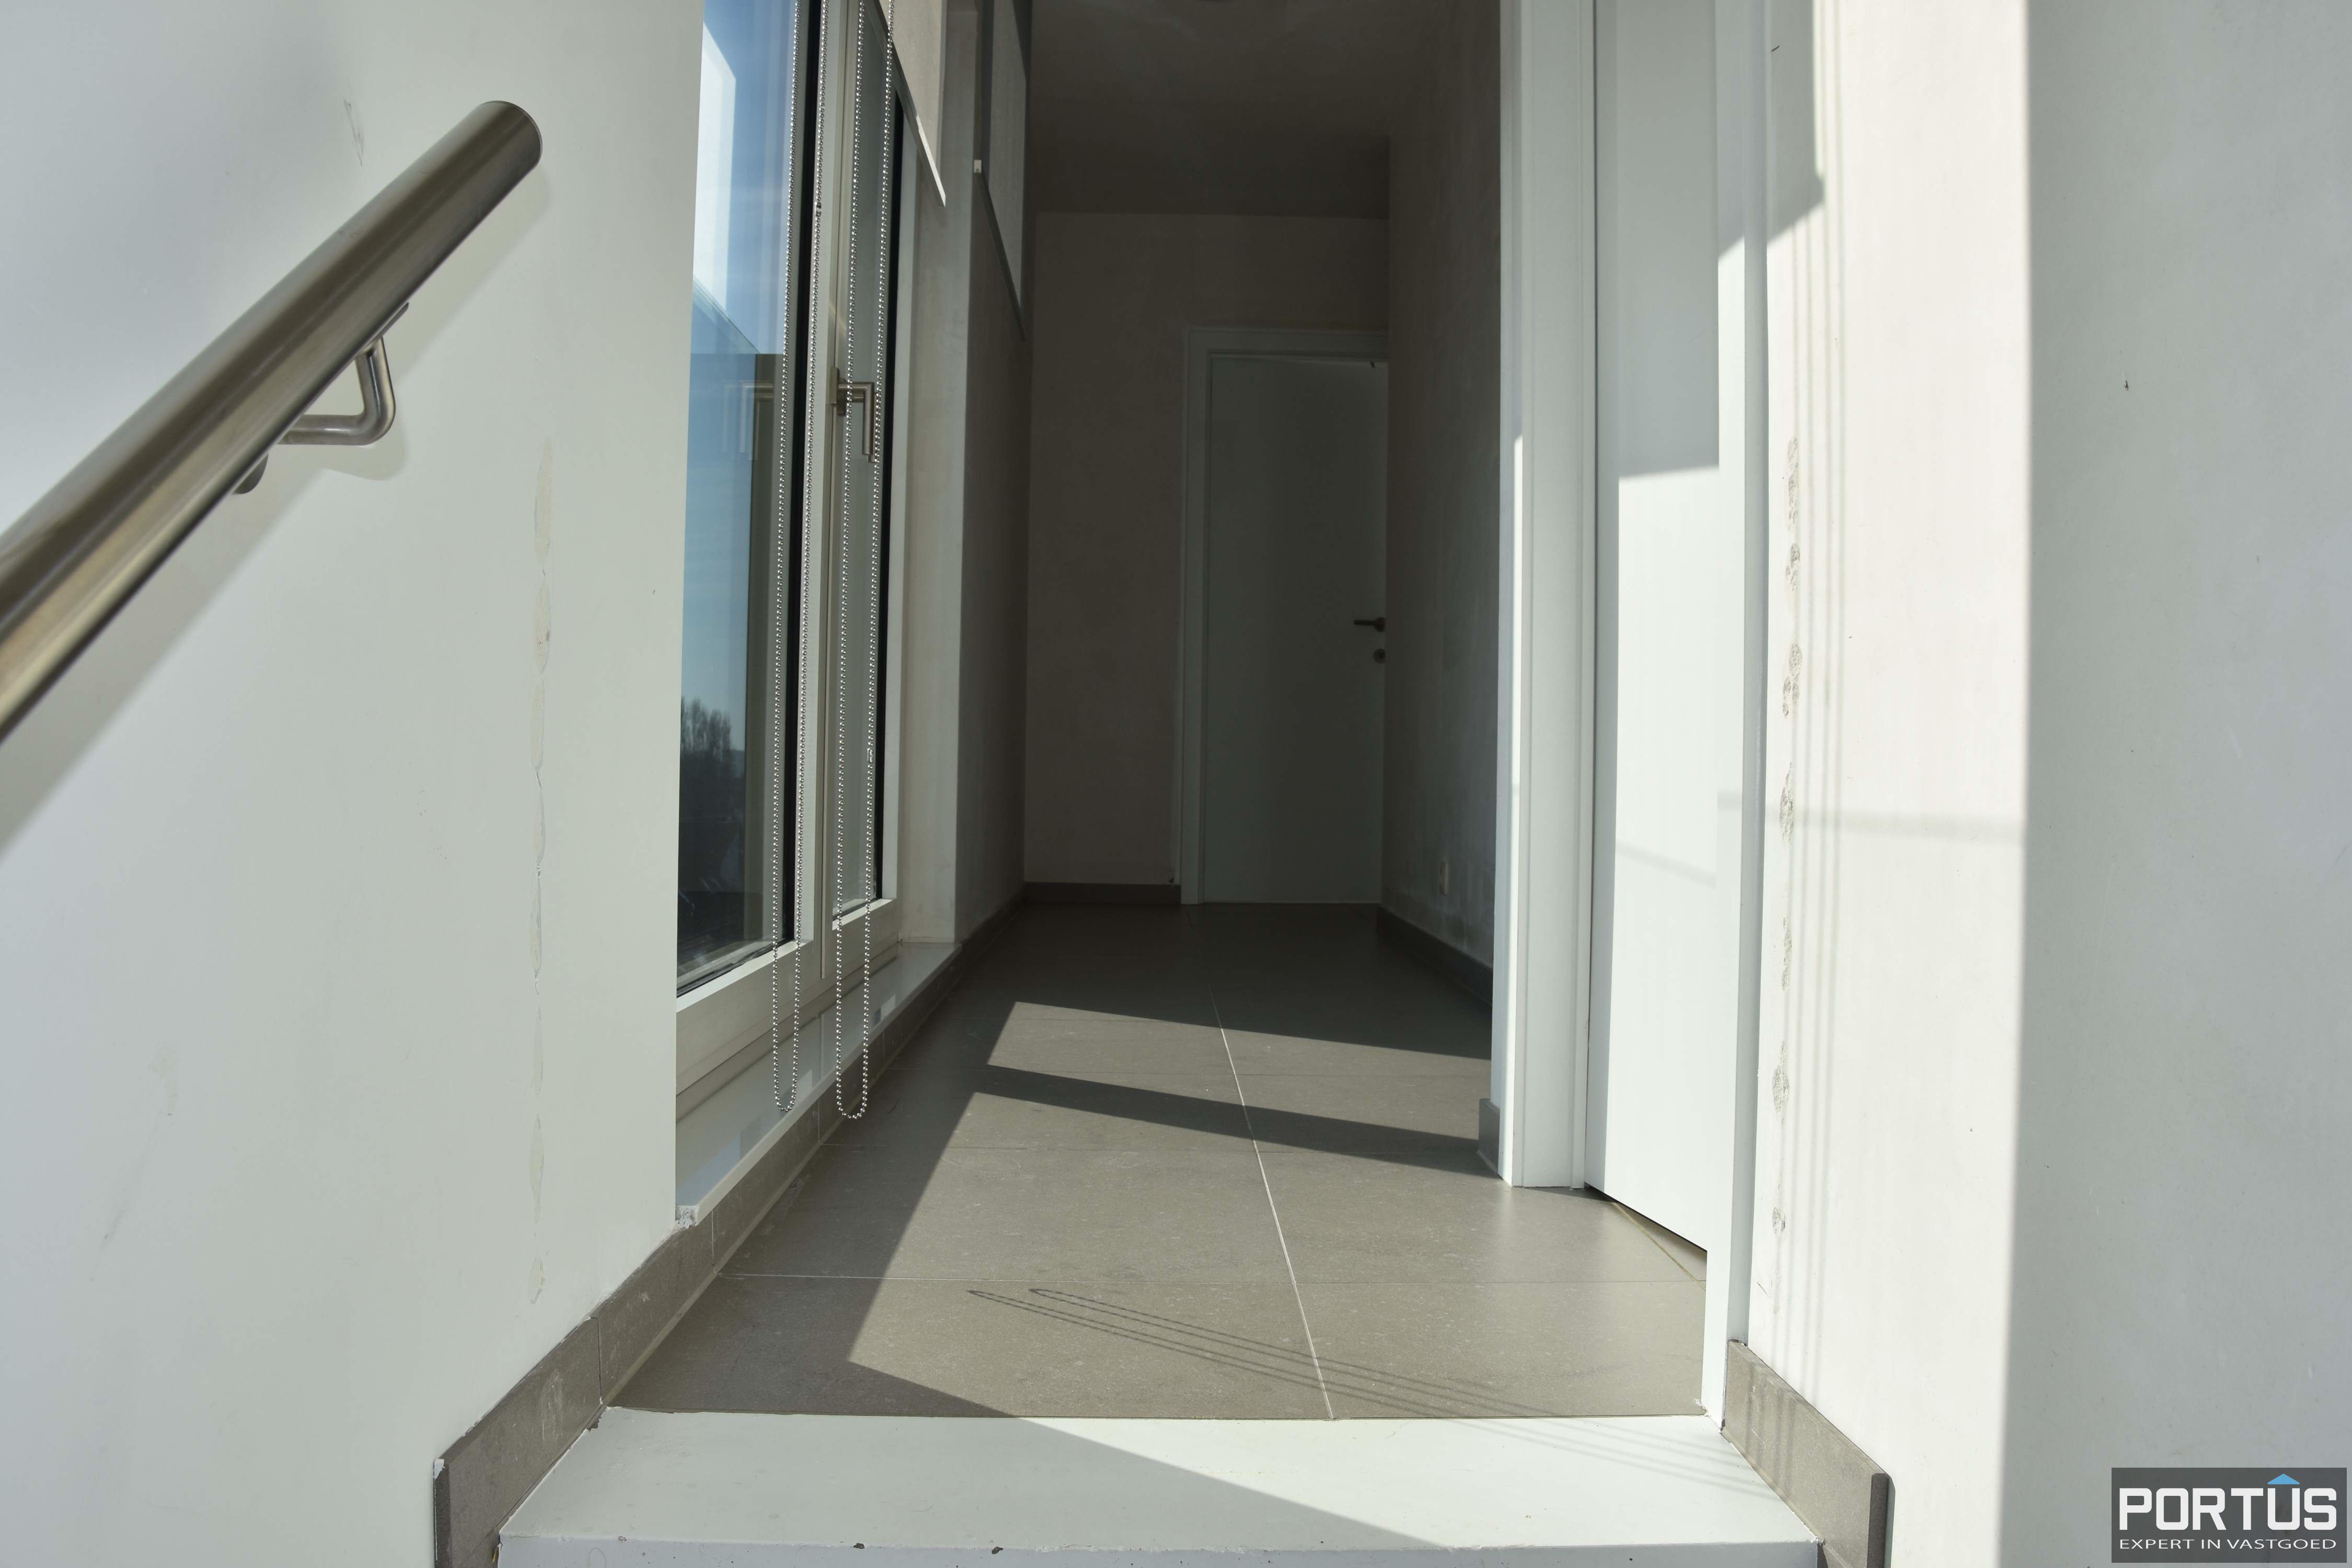 Recent appartement te huur met 3 slaapkamers, kelderberging en parking - 11114